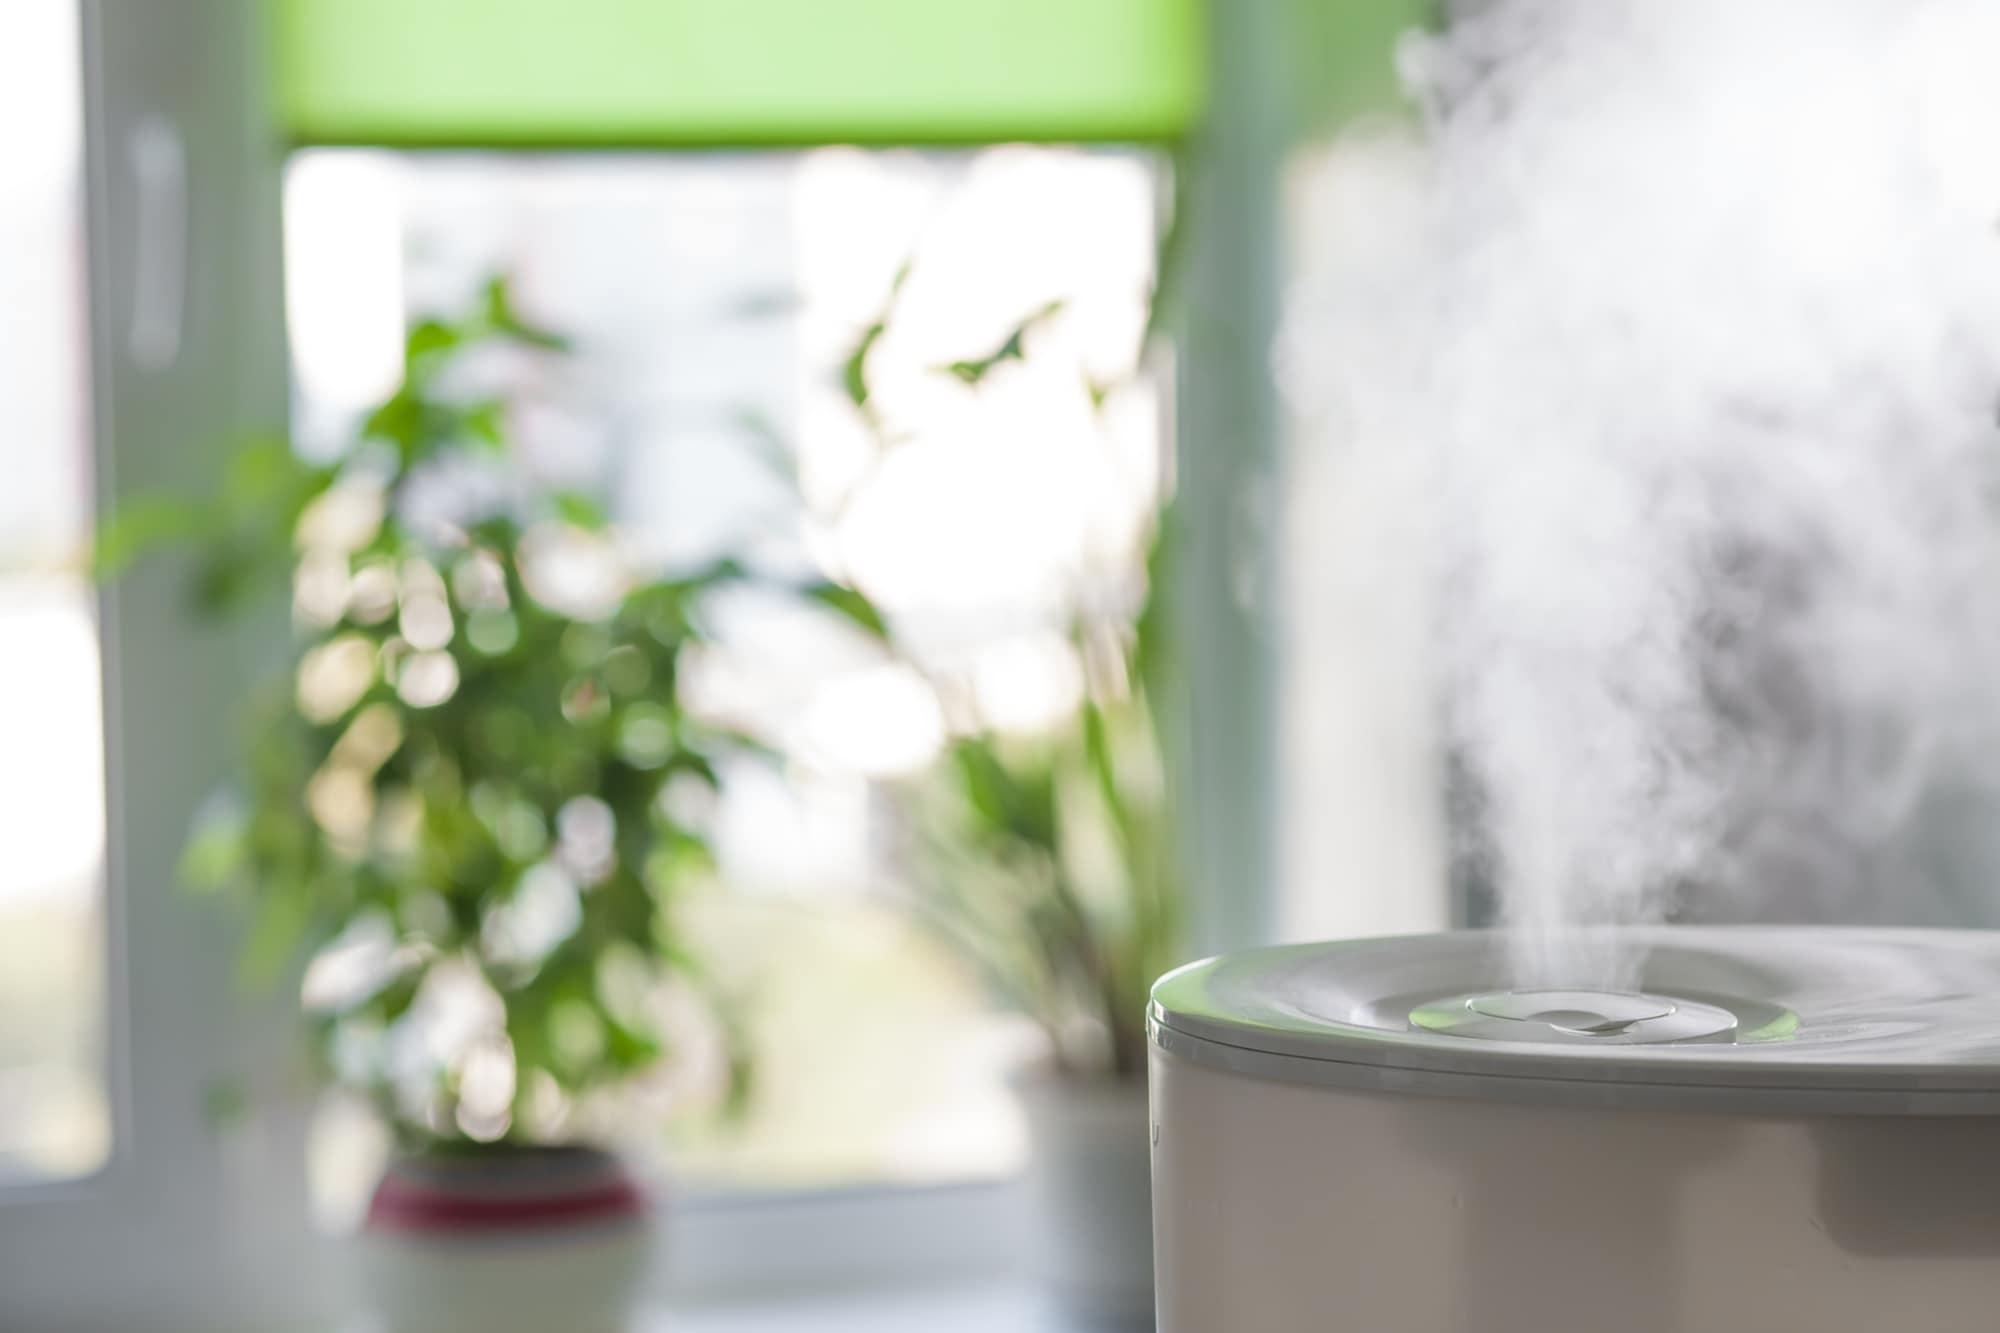 家電のプロが教える! 機能、コスト…自分にぴったりの加湿器の選び方とチェックポイント